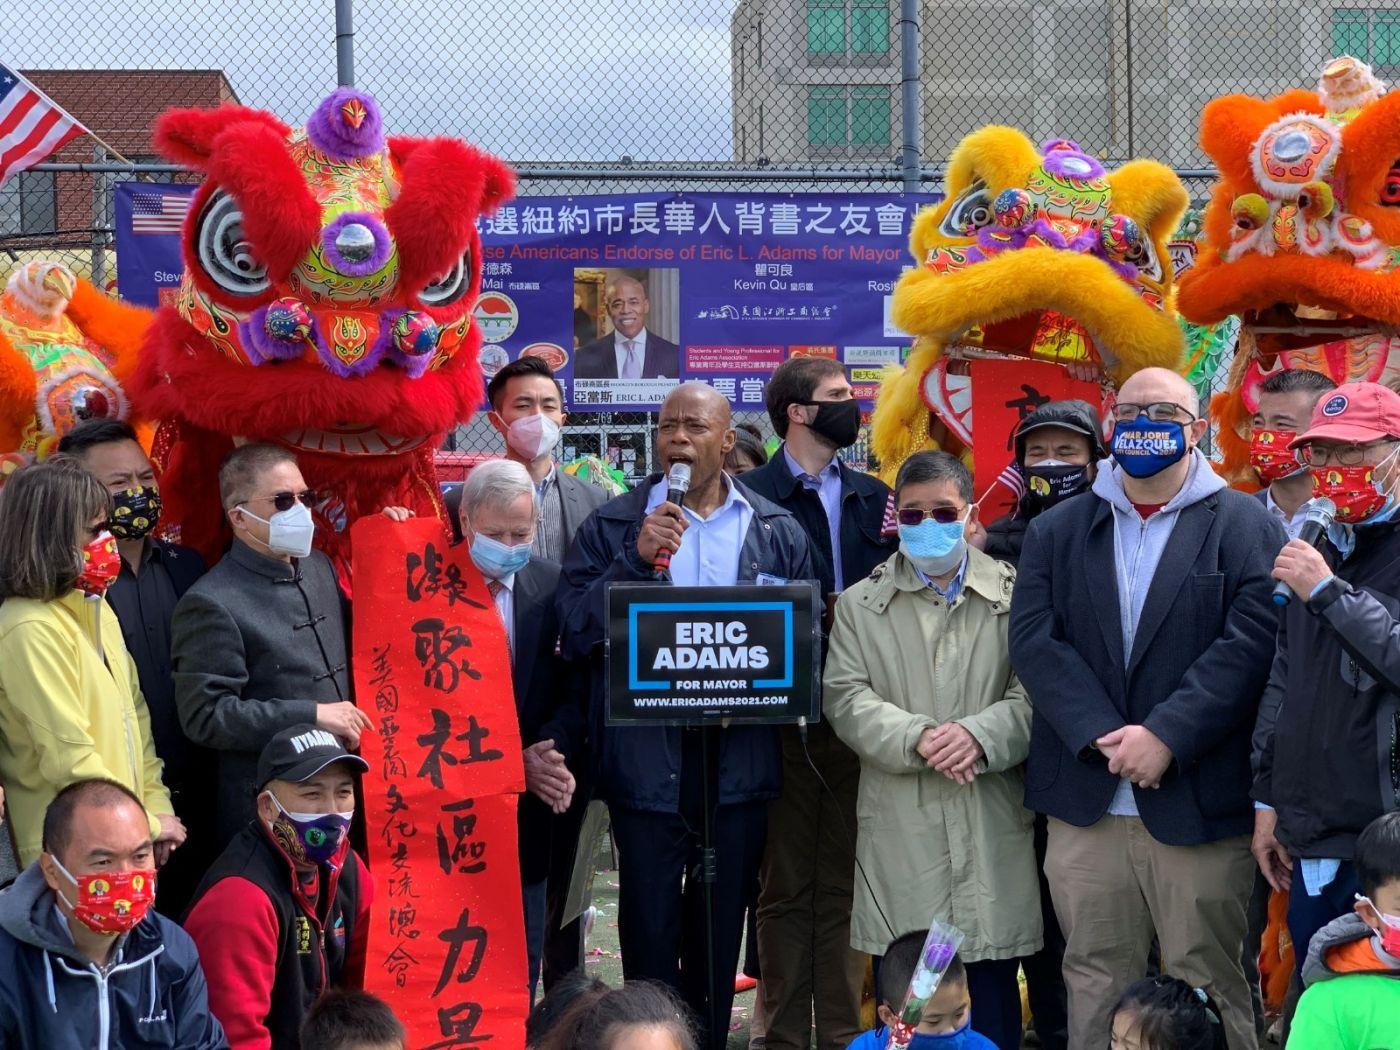 华人背书亚当斯参选纽约市长_图1-13